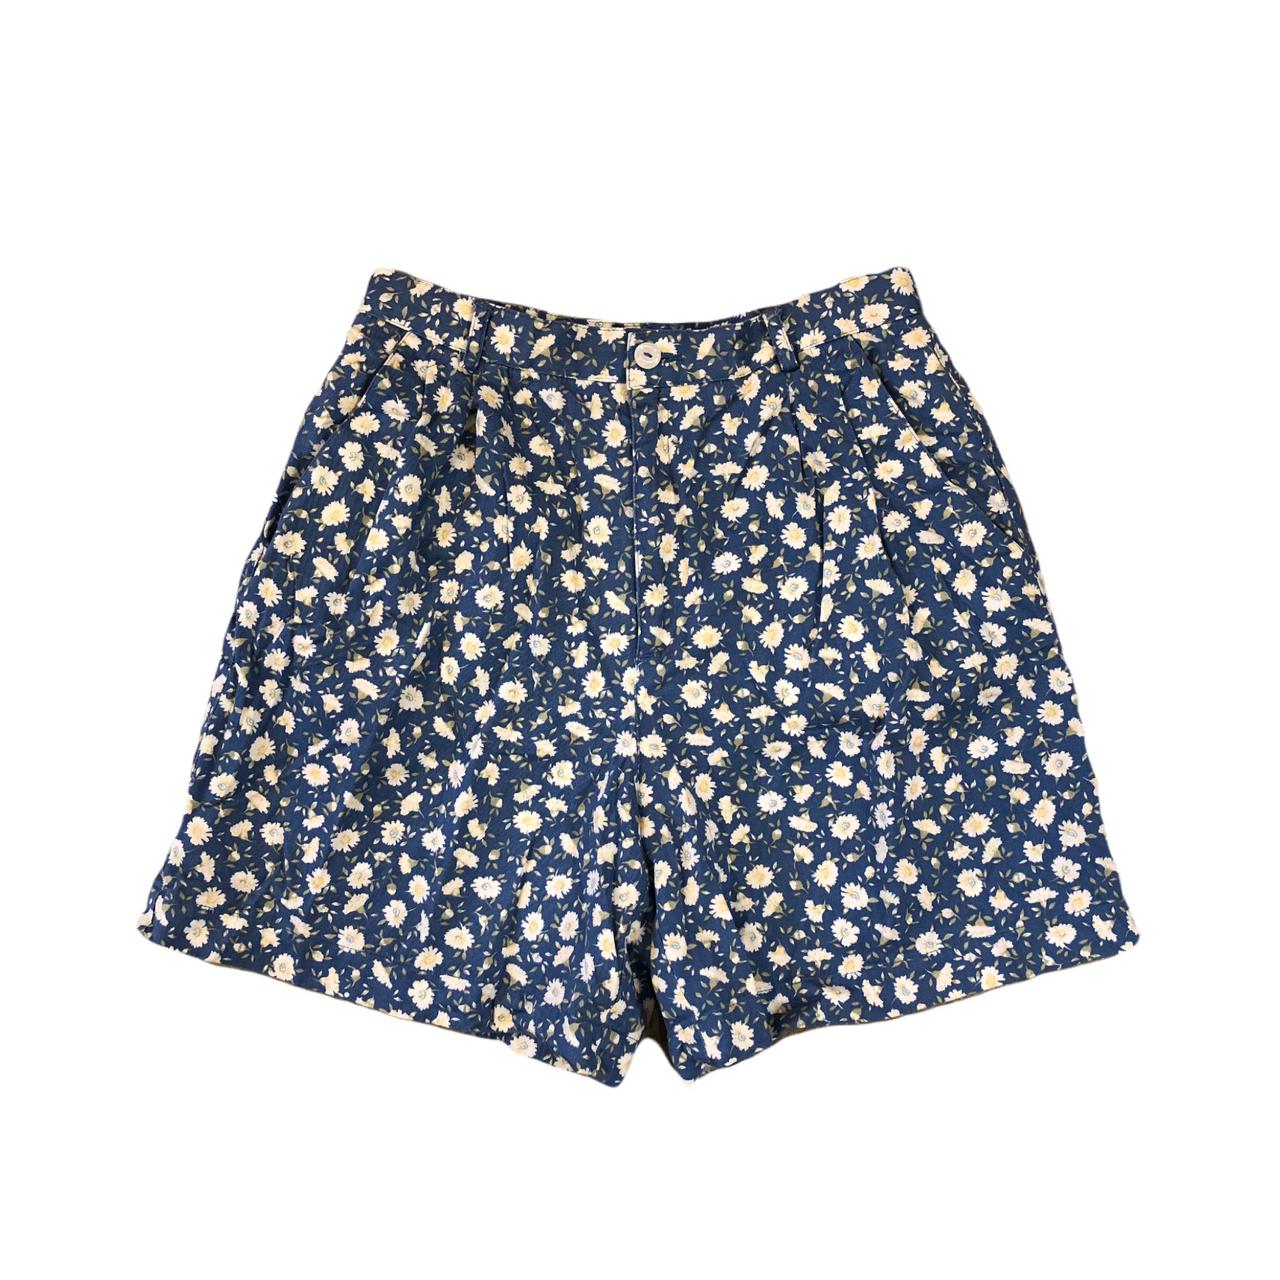 Liz Claiborne Floral Short Pants ¥4,900+tax